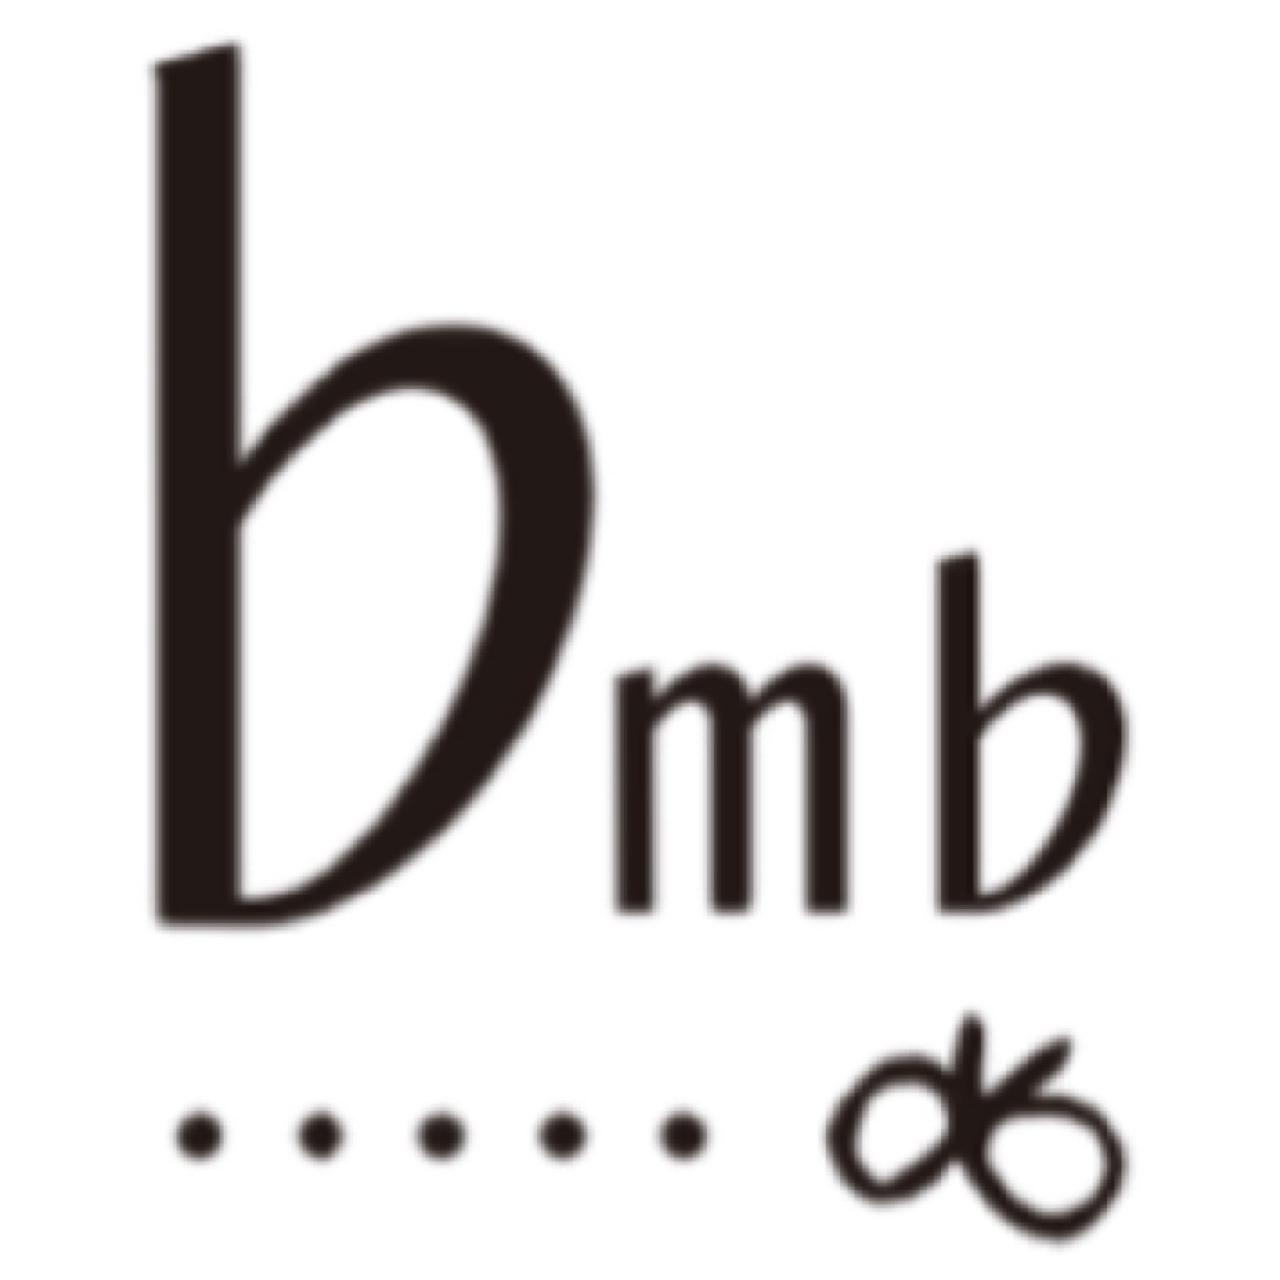 bmb.....